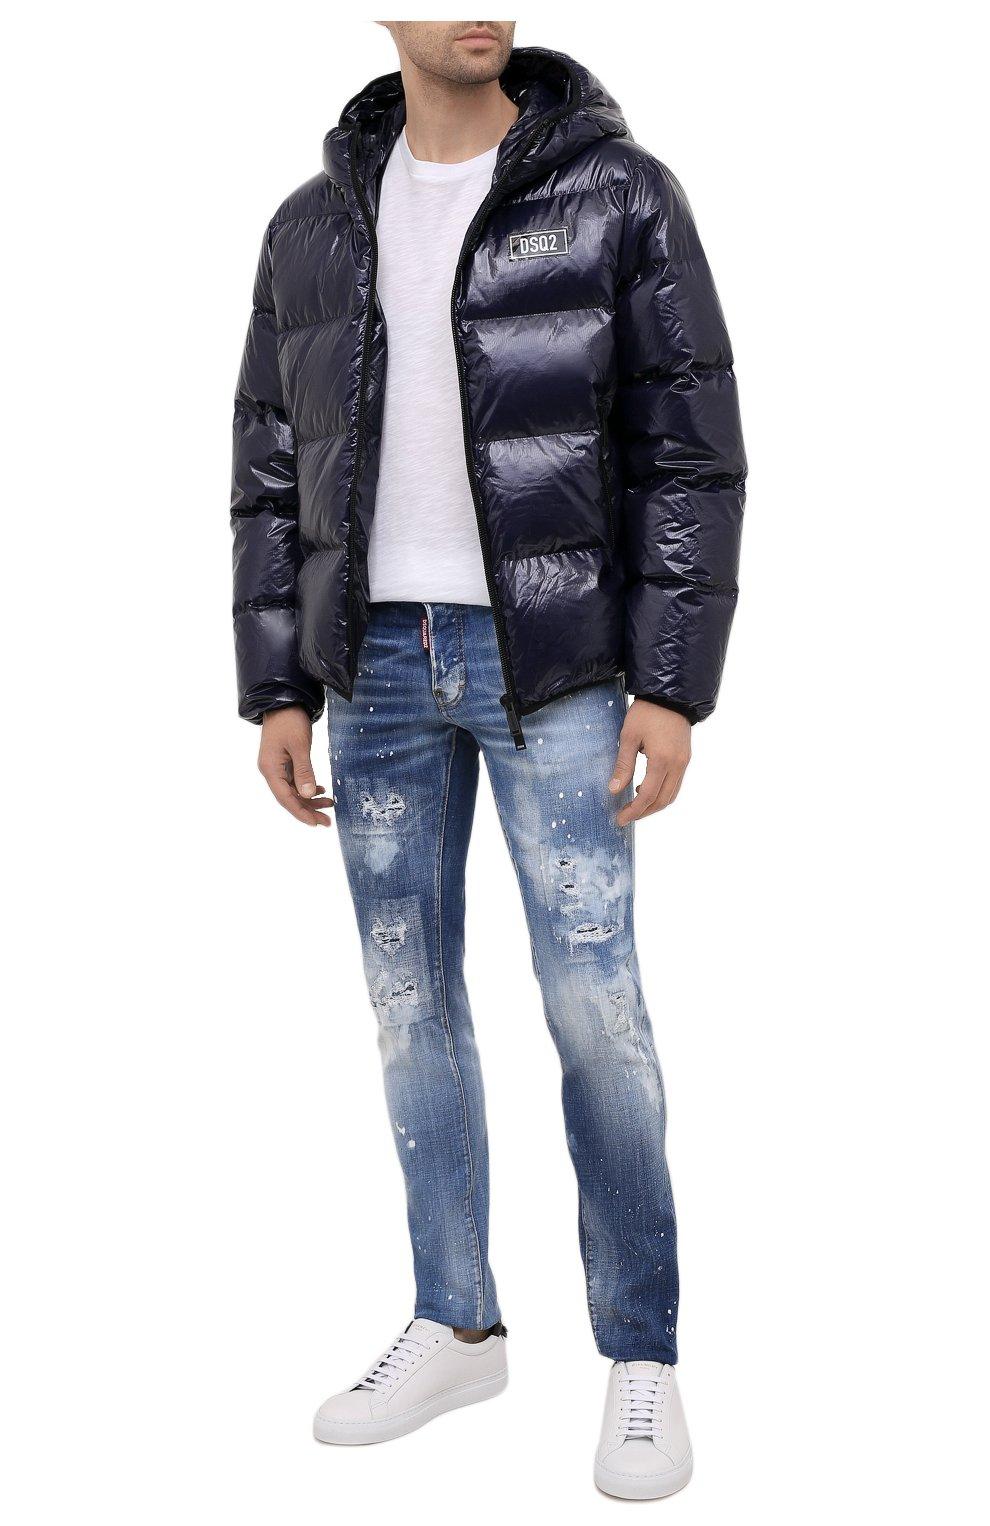 Мужские джинсы DSQUARED2 синего цвета, арт. S74LB0972/S30342   Фото 2 (Силуэт М (брюки): Узкие; Длина (брюки, джинсы): Стандартные; Материал внешний: Хлопок)